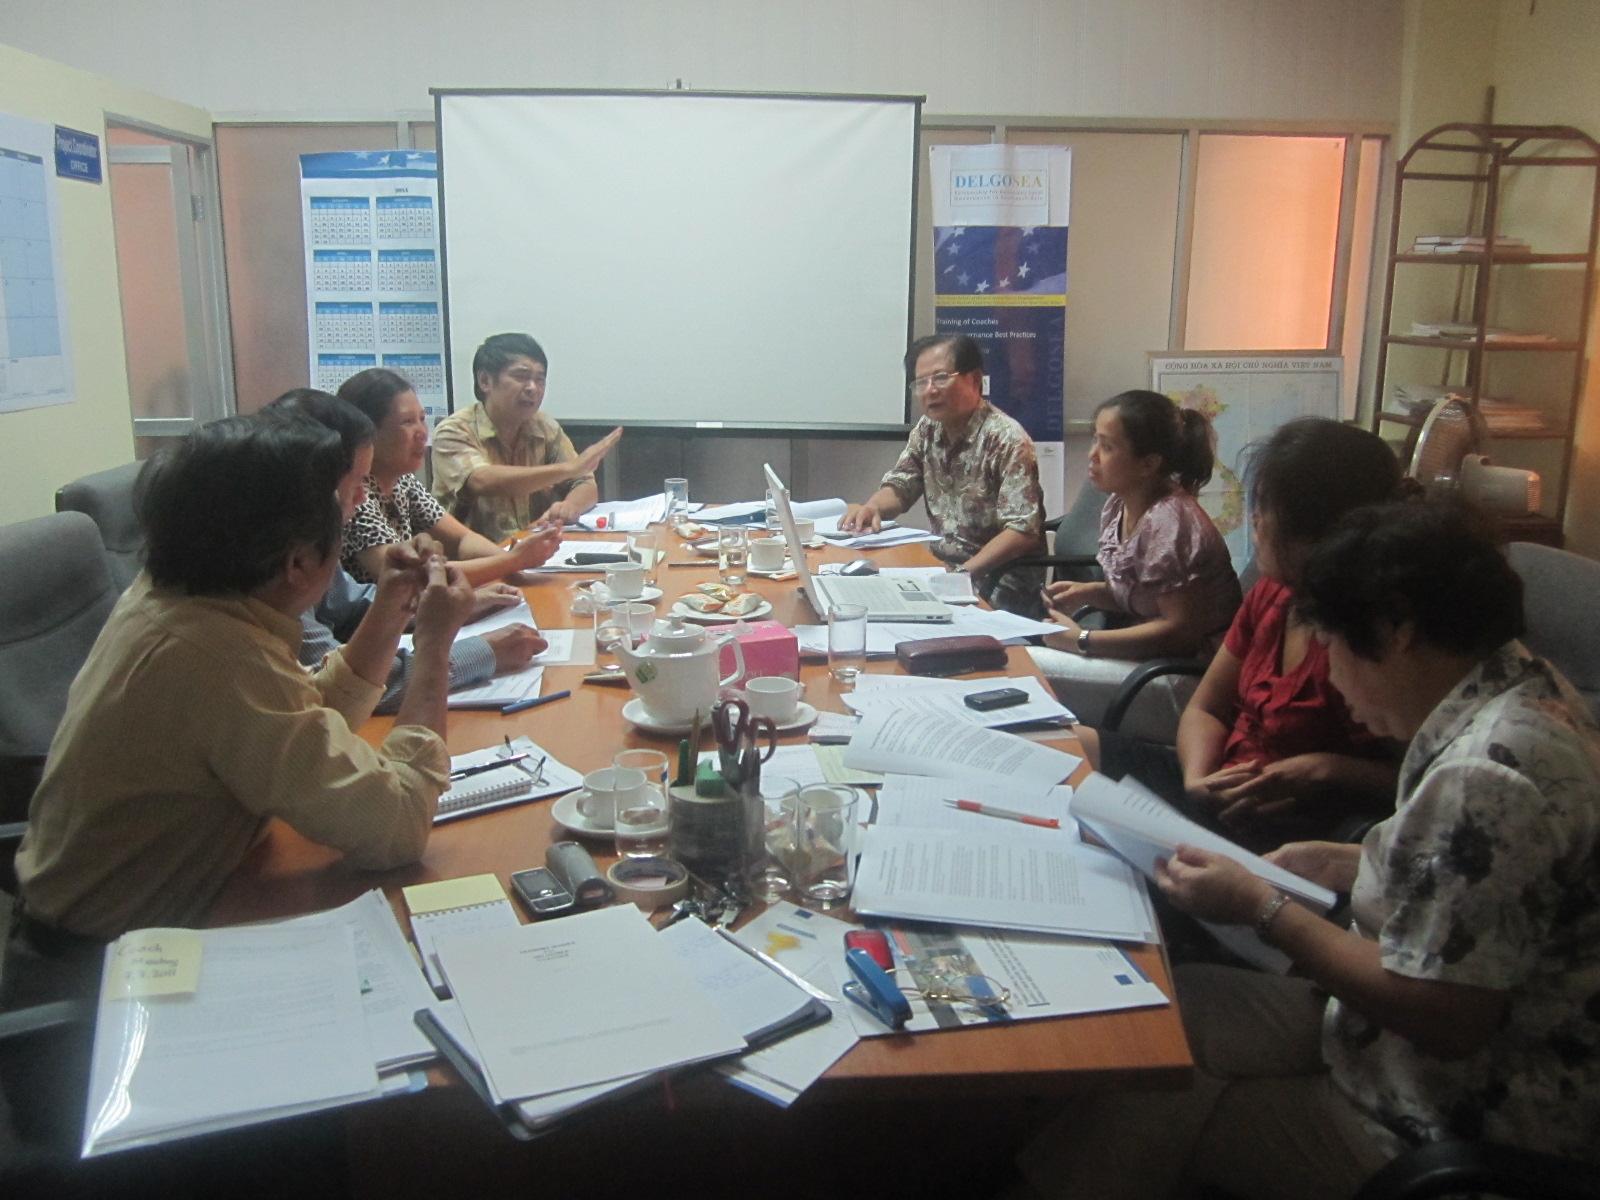 Cuộc họp giữa Lãnh đạo ACVN và Ban Điều phối, chuyên gia dự án Delgosea